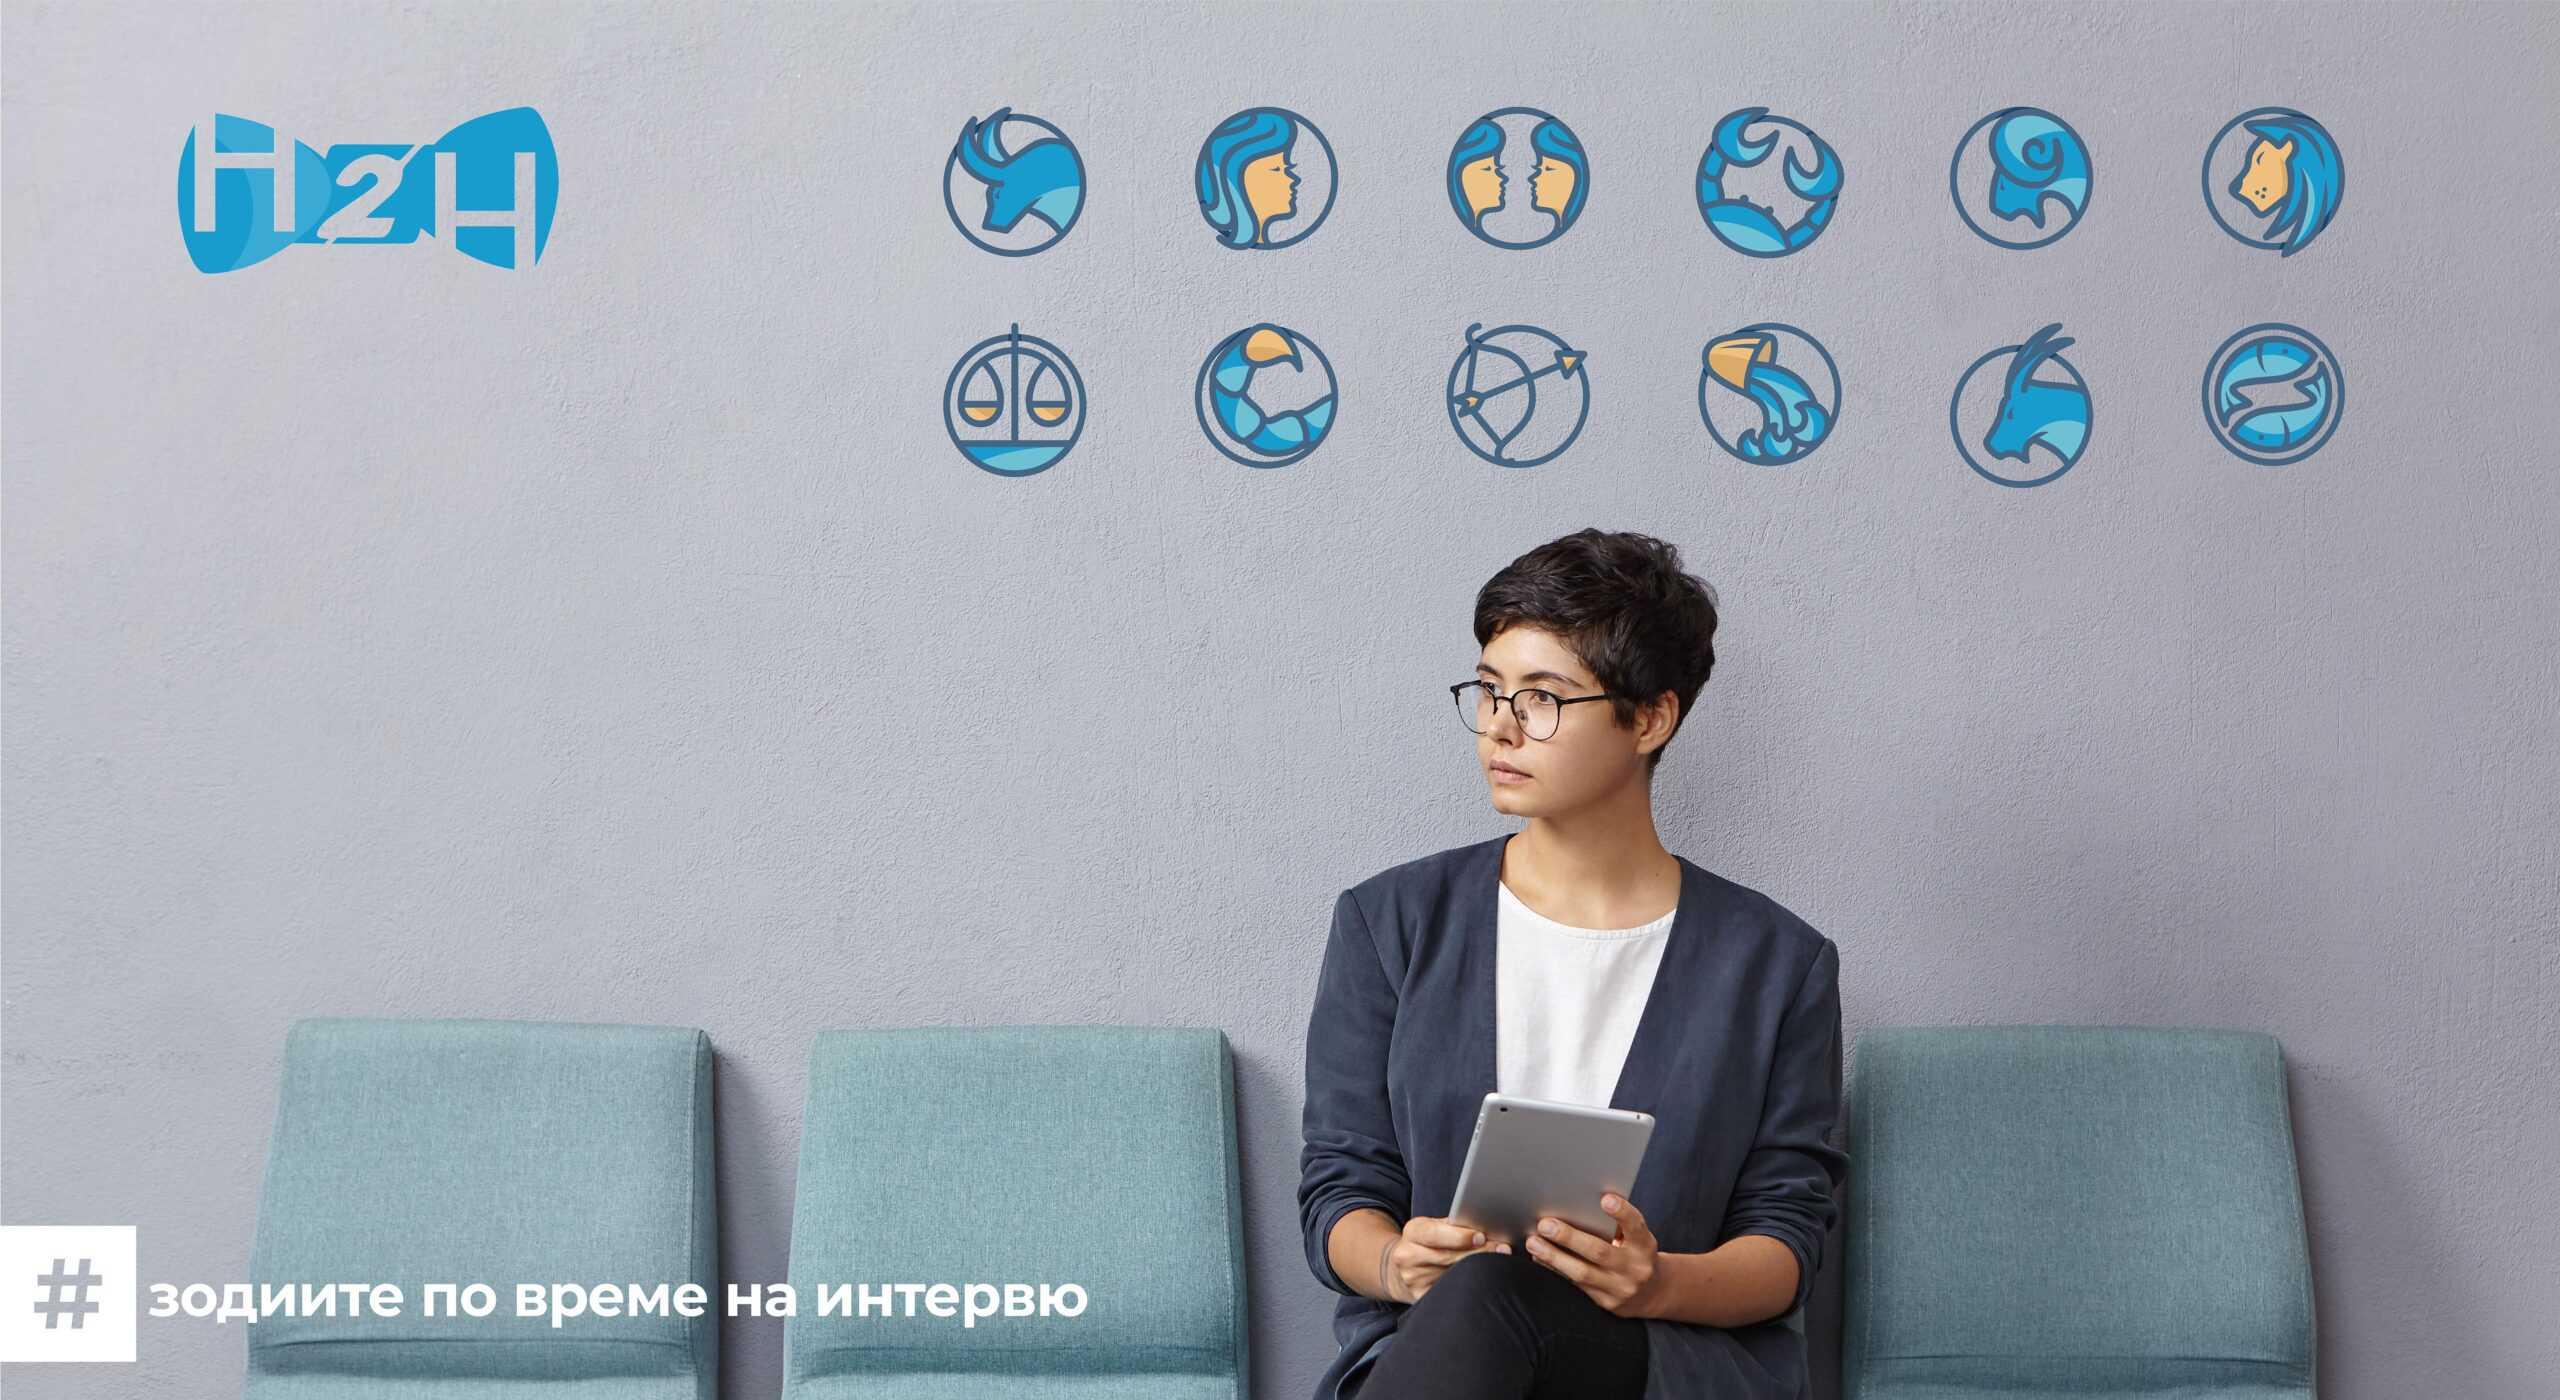 zodiite-po-vreme-na-intervu